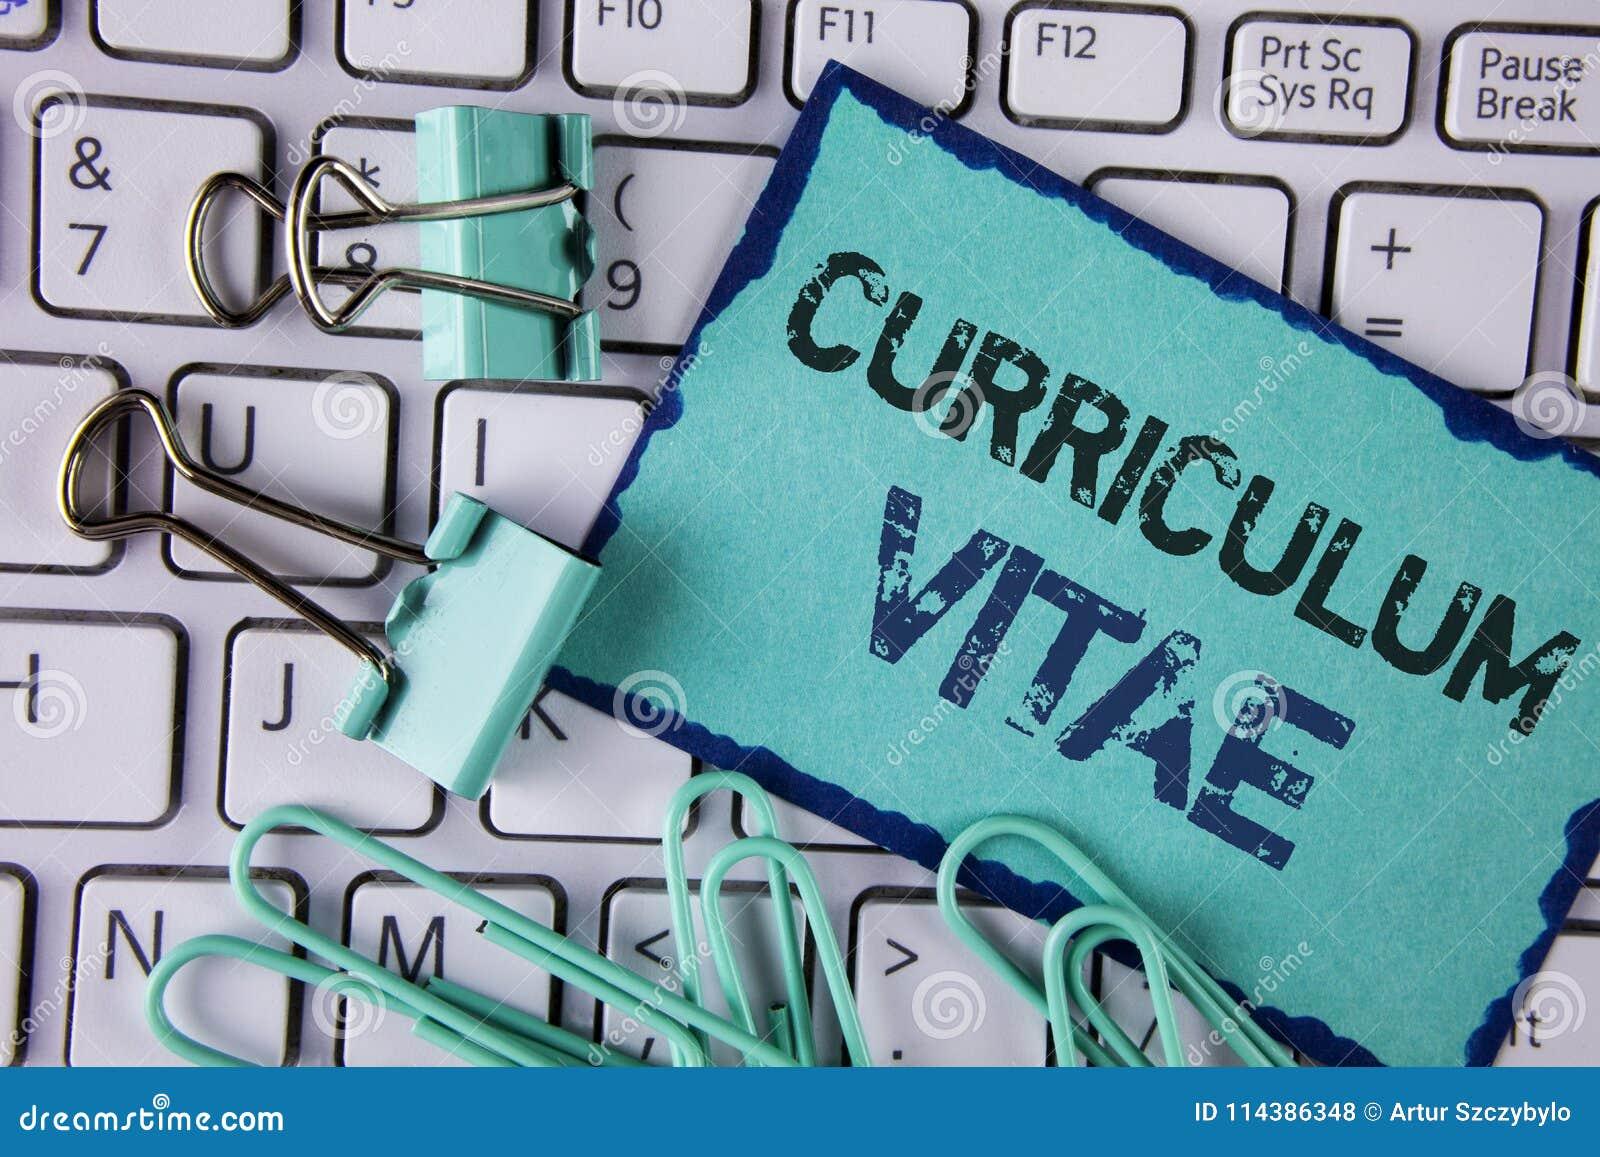 Curriculum Vitae Del Texto De La Escritura Reclutamiento De La ...